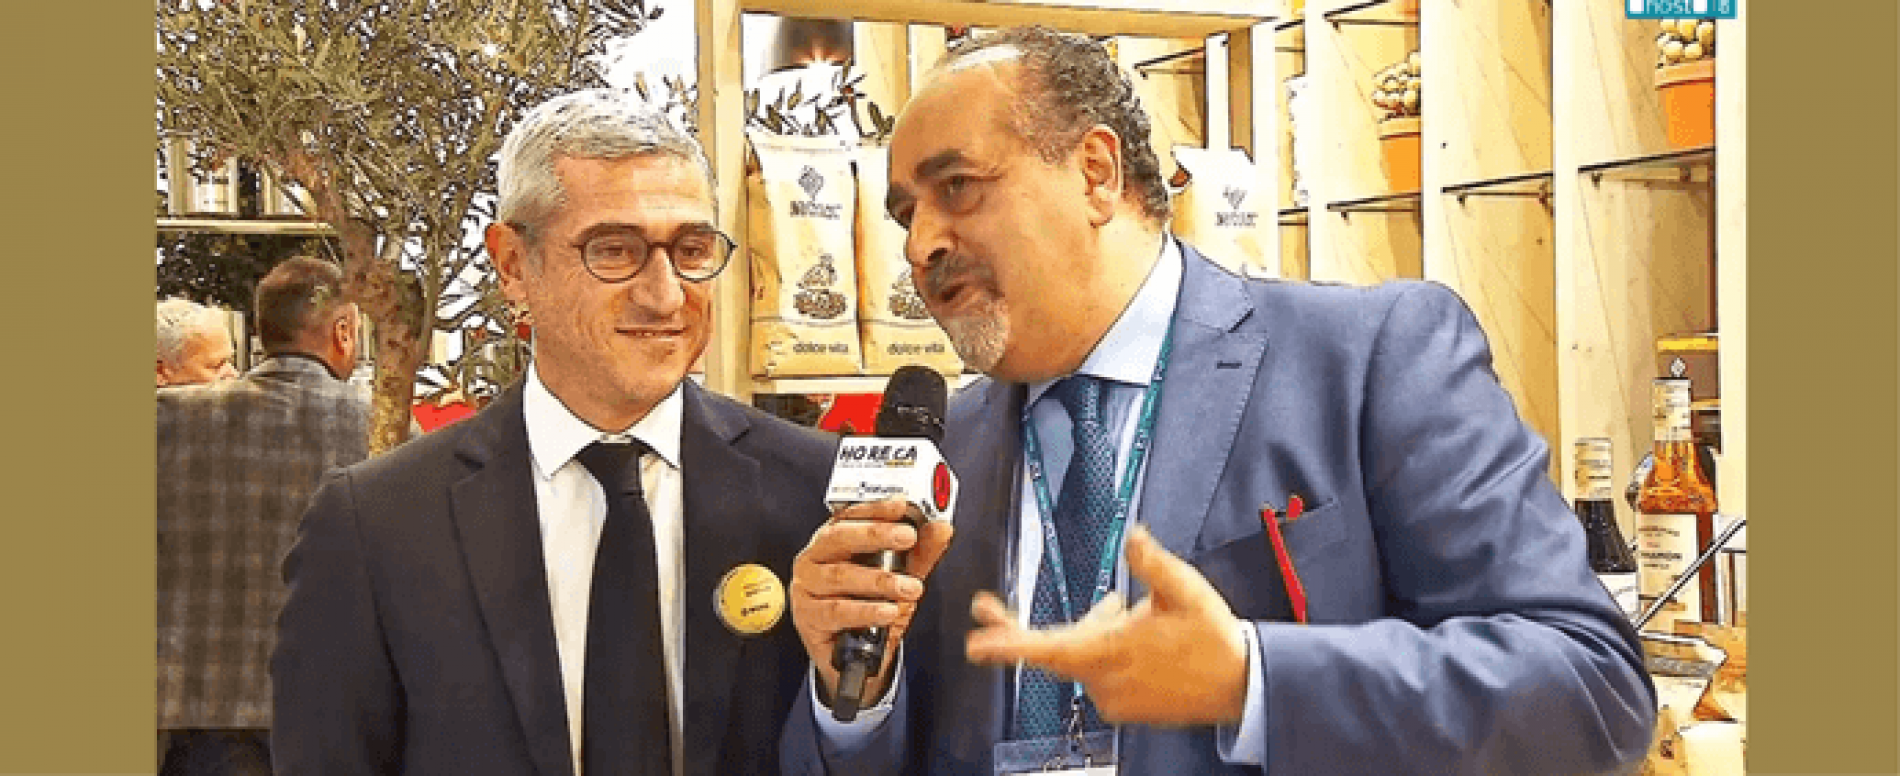 Horecatv.it. Intervista a Host con A.Spadola di Moak Spa